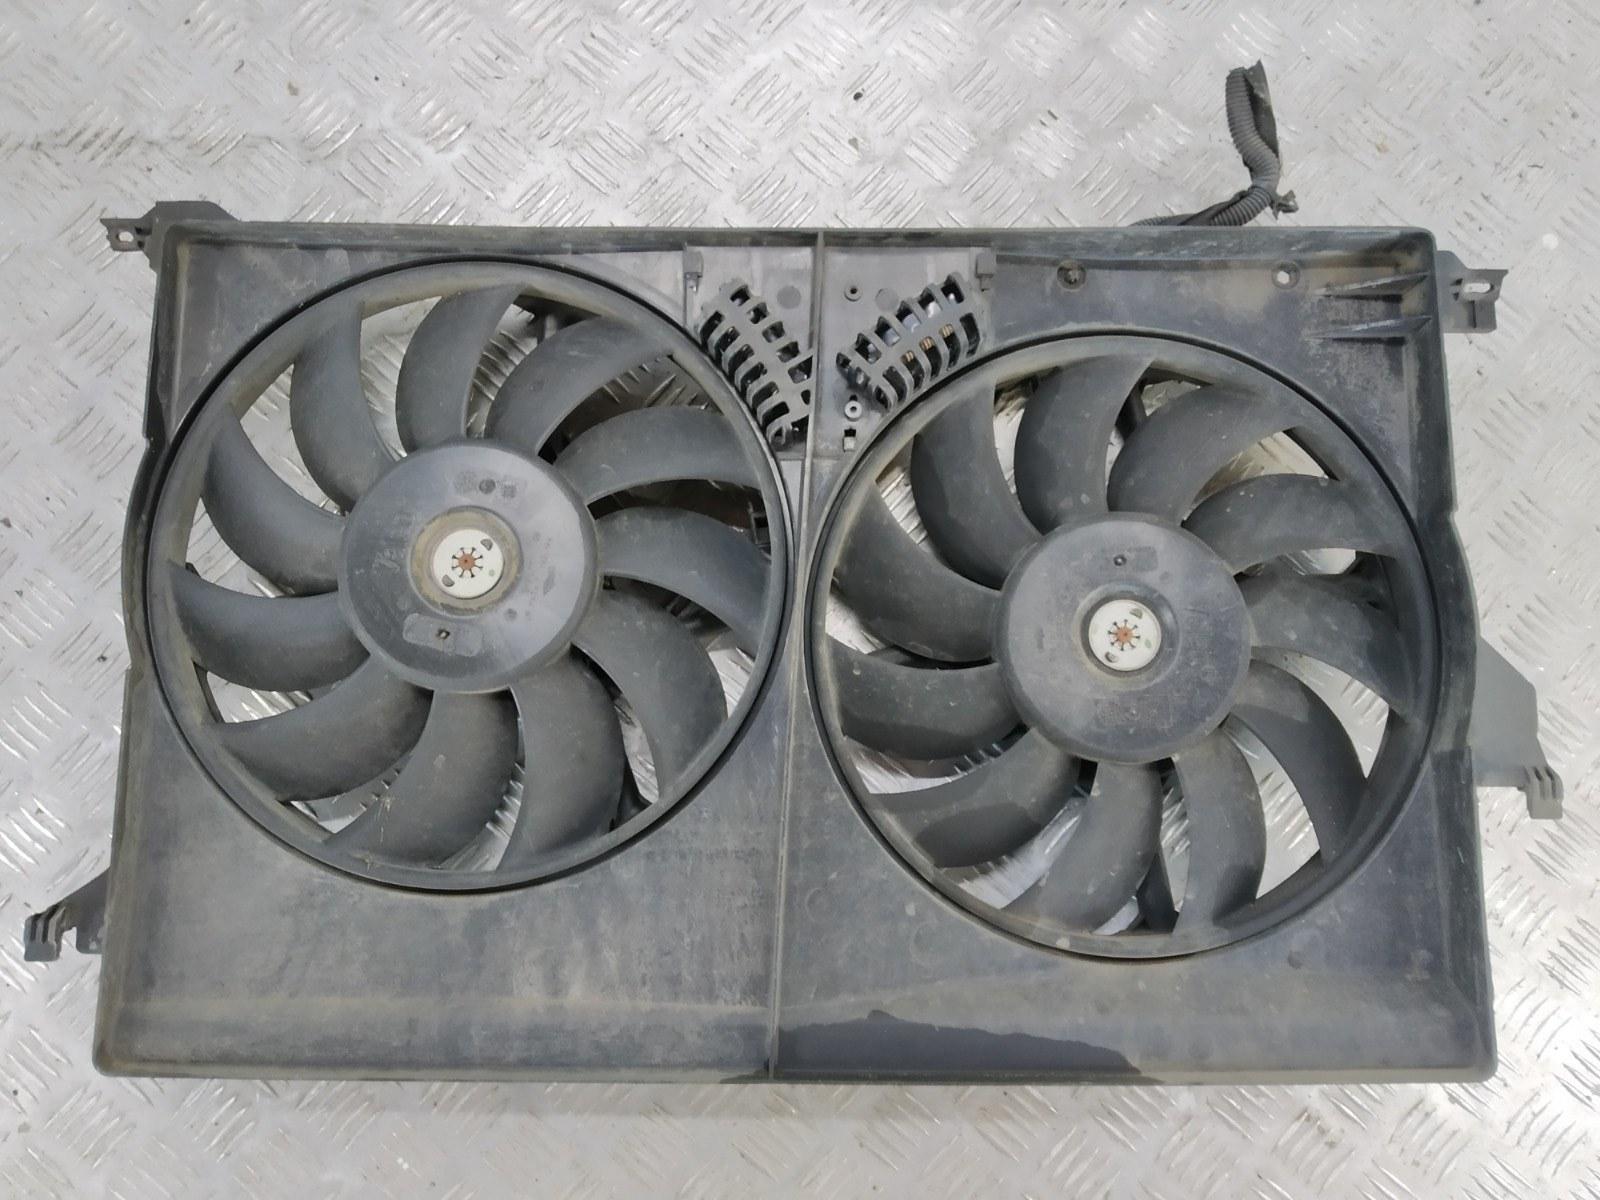 Вентилятор радиатора Saab 9-3 2.0 TI 2003 (б/у)